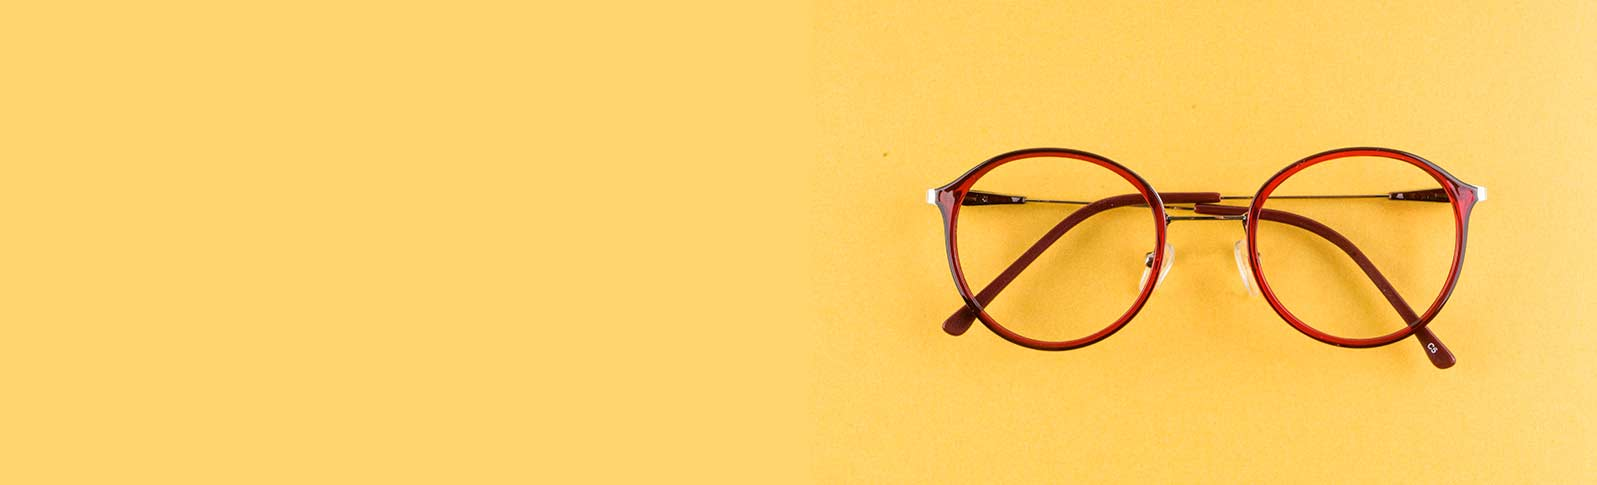 røde briller på en gul bakgrunn